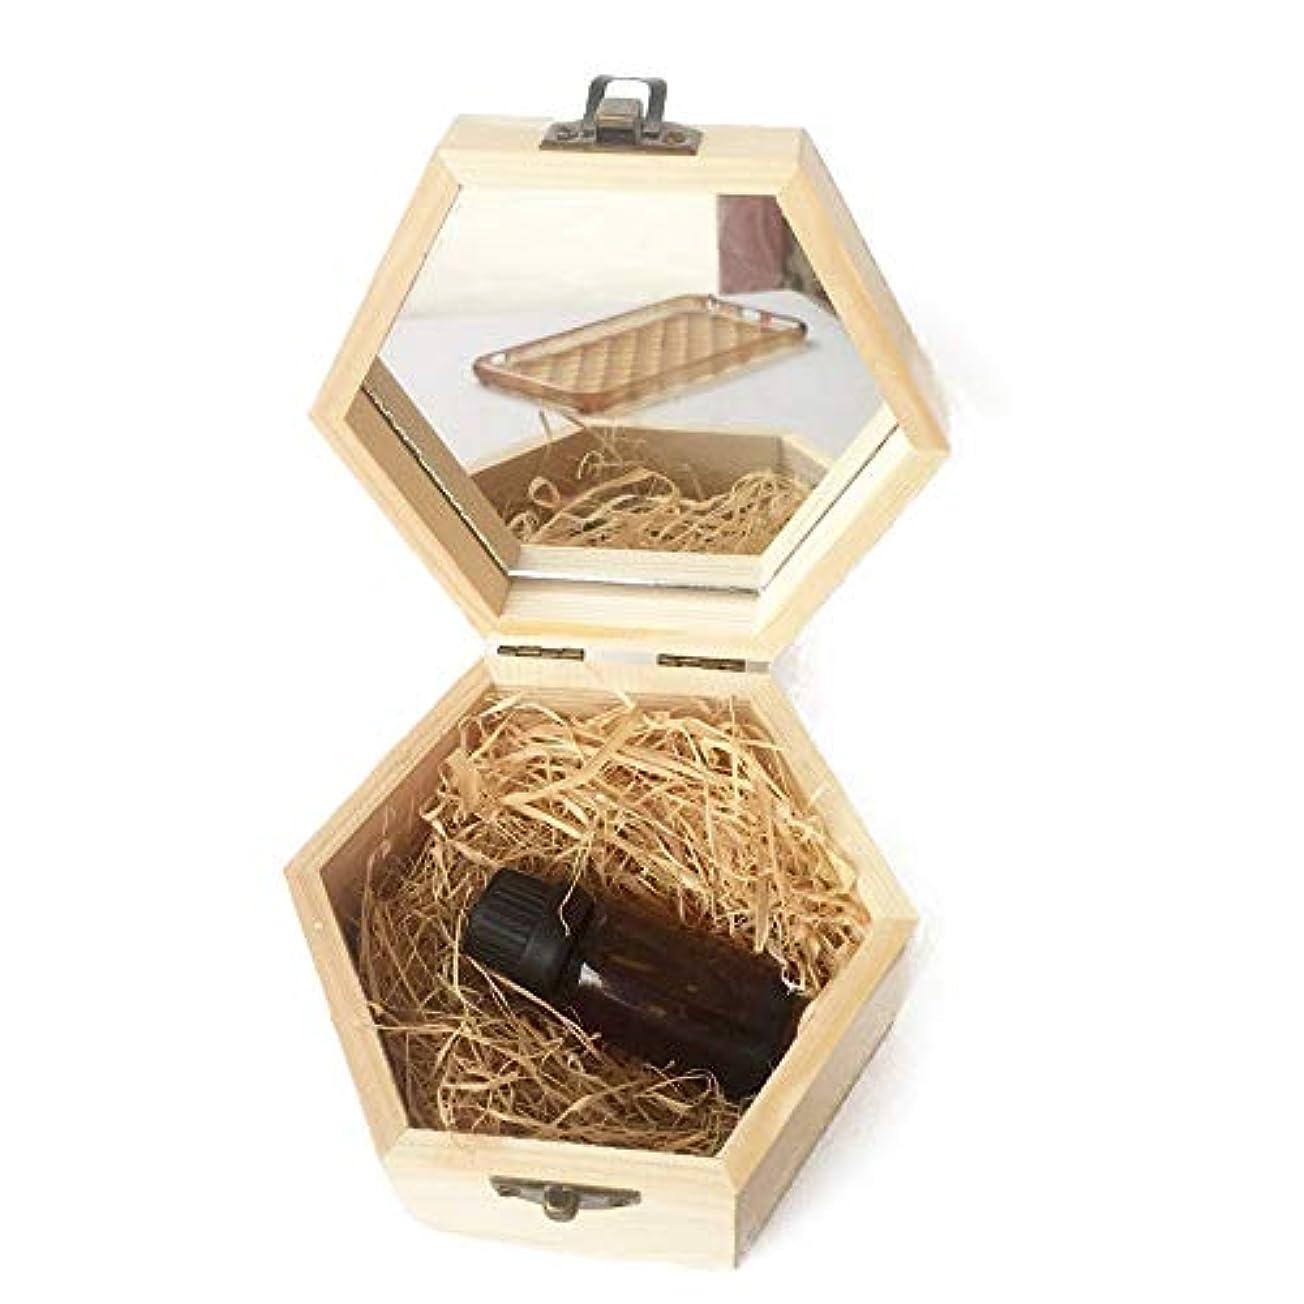 工夫する孤独な習字エッセンシャルオイルの保管 アロマセラピーのエッセンシャルオイル木箱の品質収納ケース (色 : Natural, サイズ : 13X11.3X6.8CM)